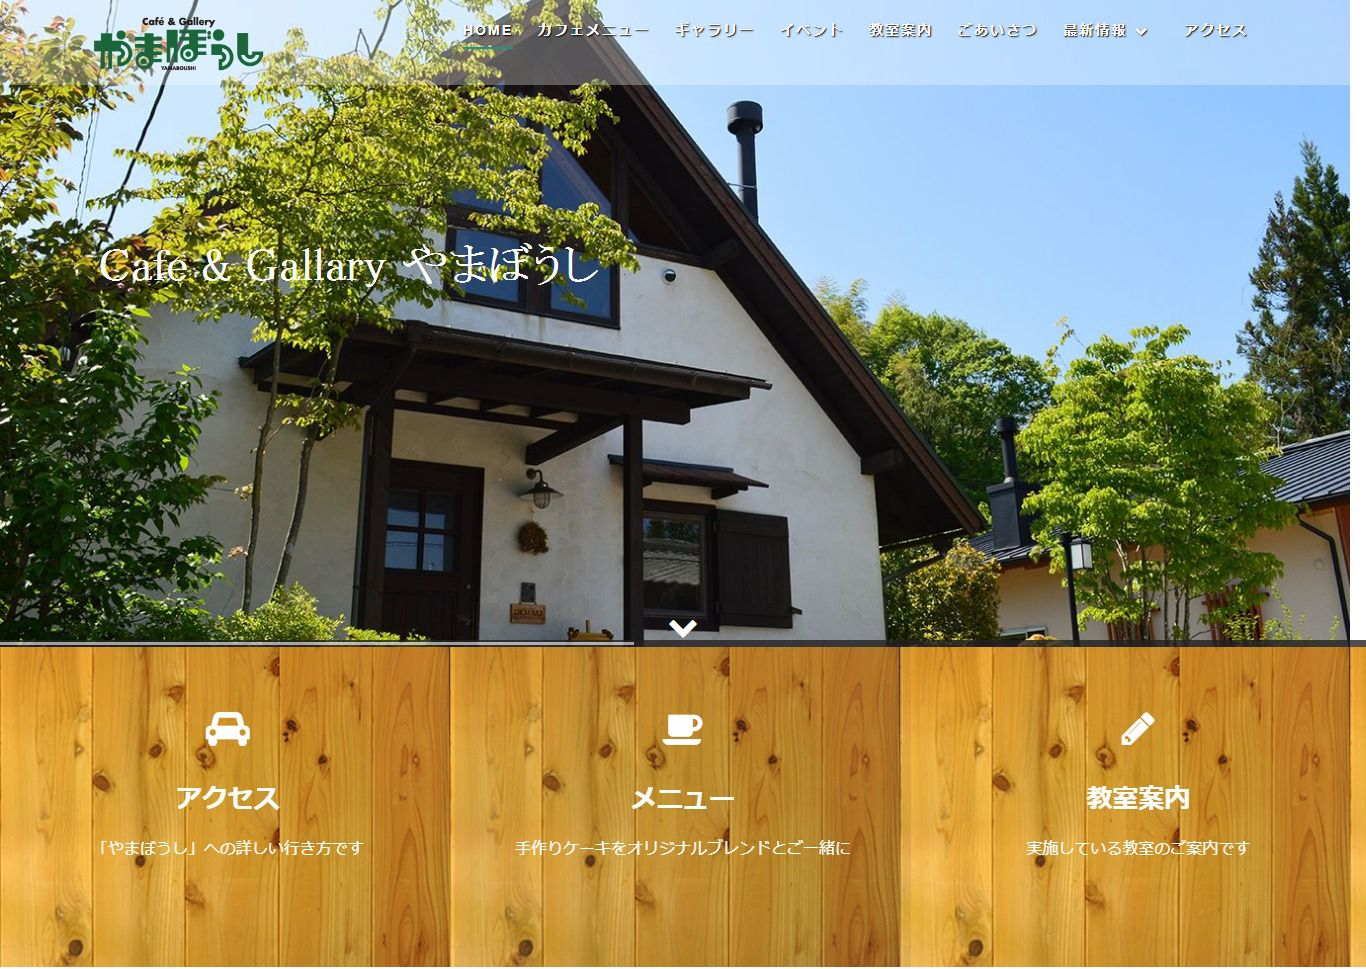 『カフェ&ギャラリーやまぼうし』サイト